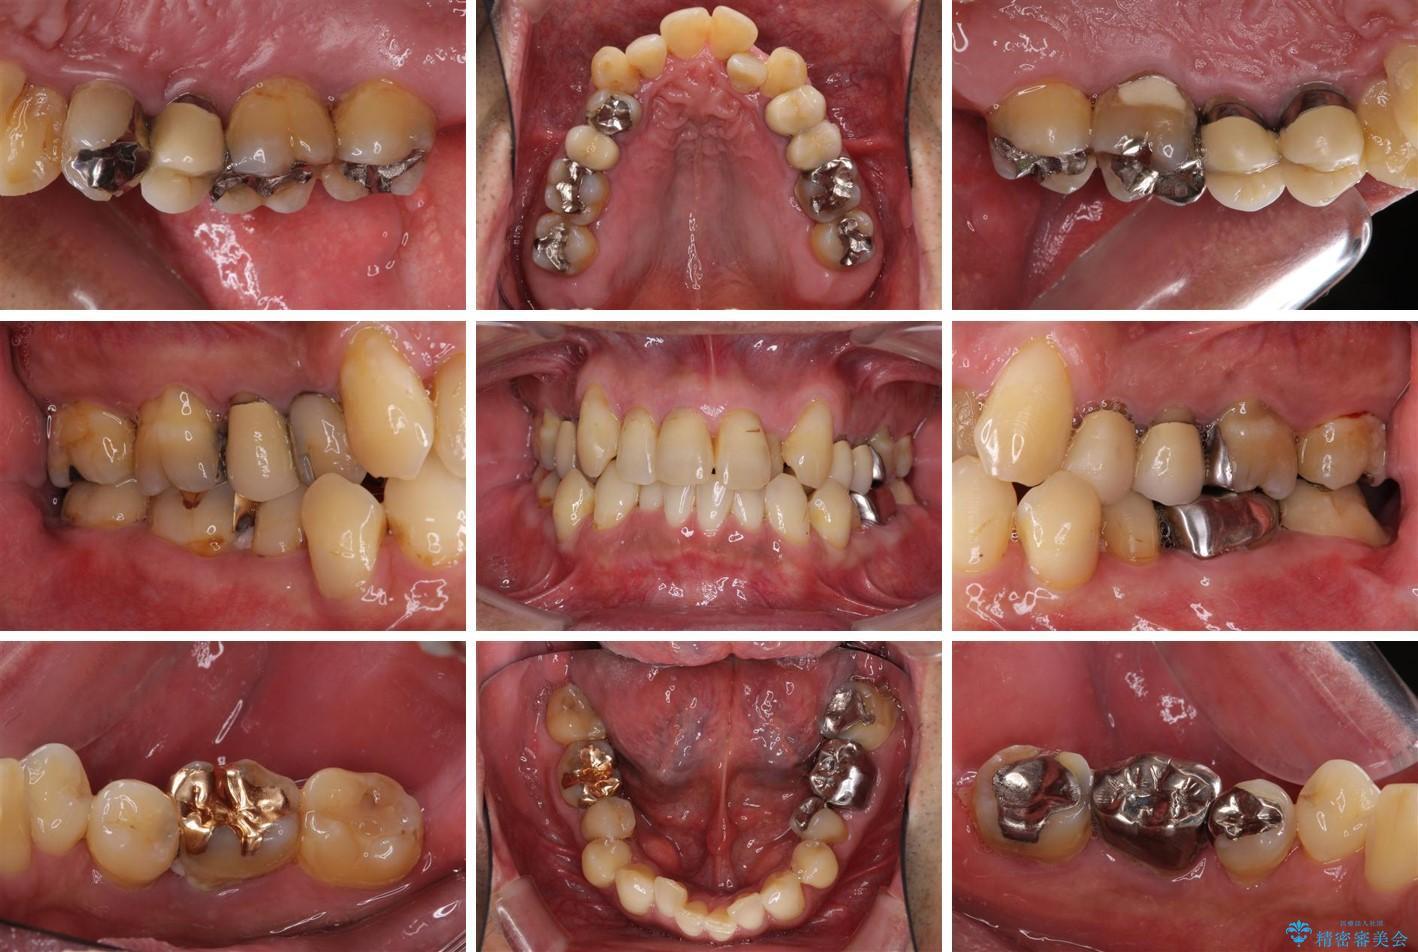 歯周病治療のための歯列矯正 総合歯科治療による全顎治療 ビフォー